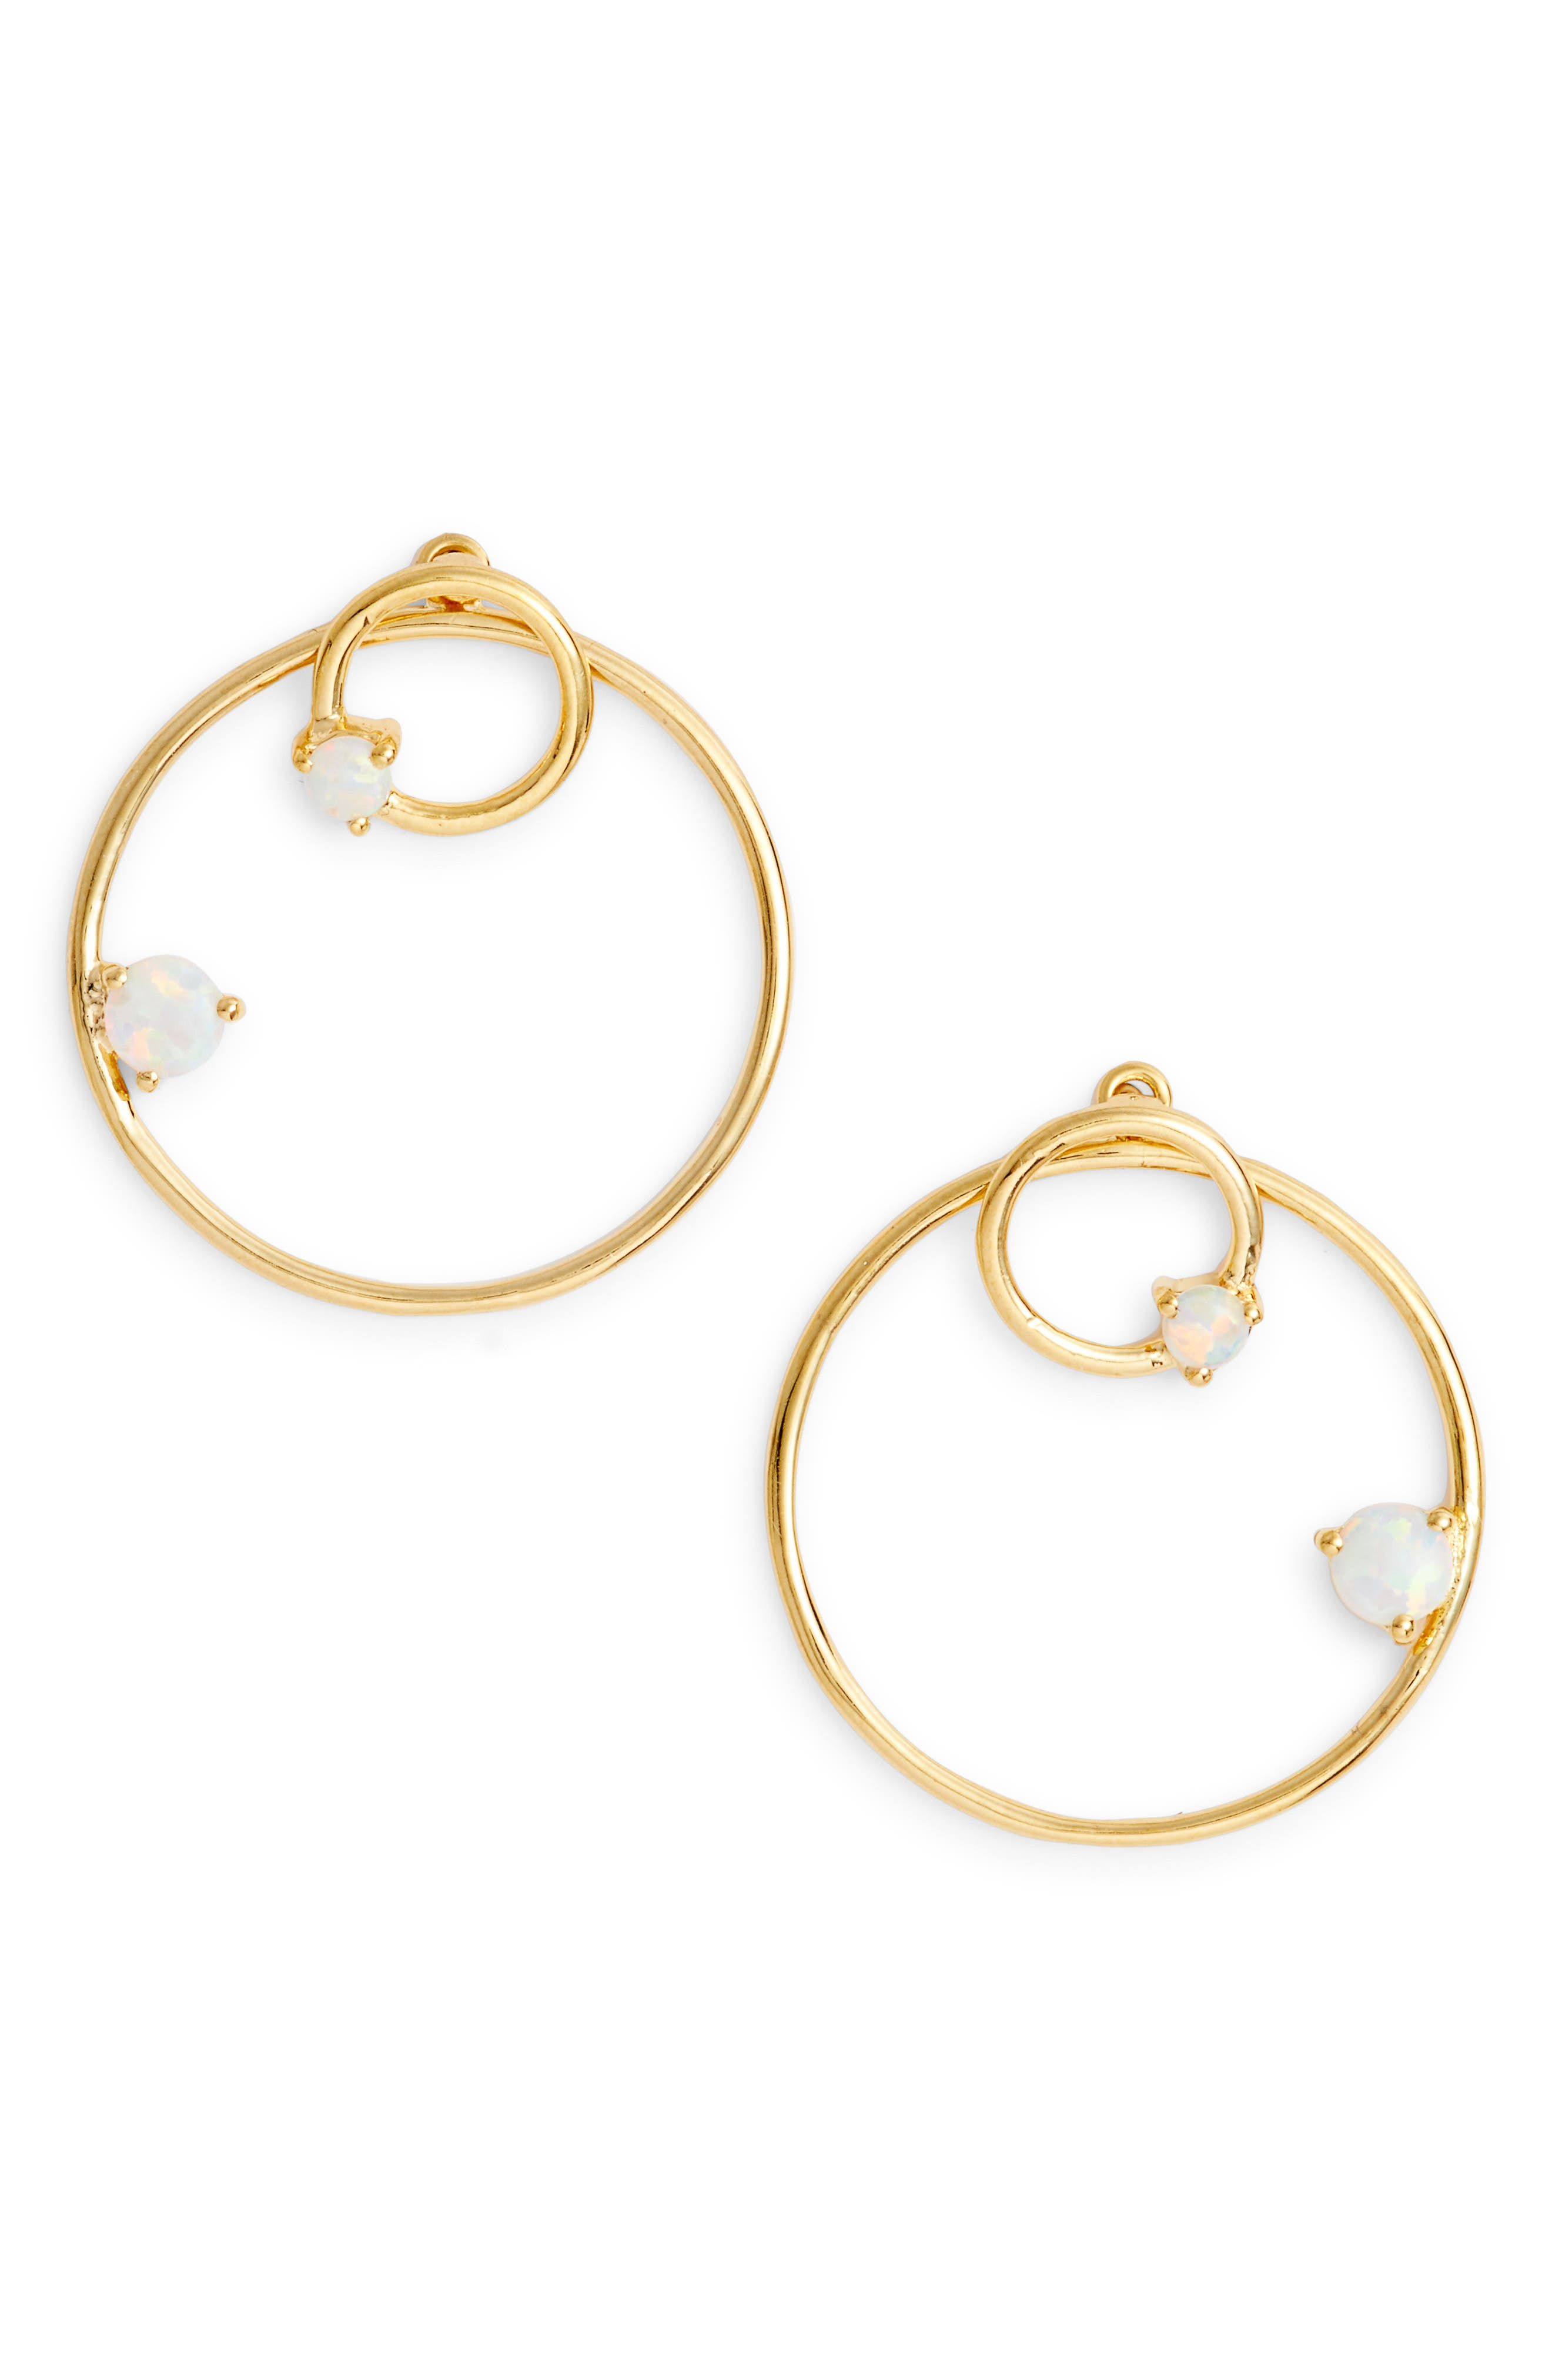 Argento Vivo Sydney Double Open Ring Earrings